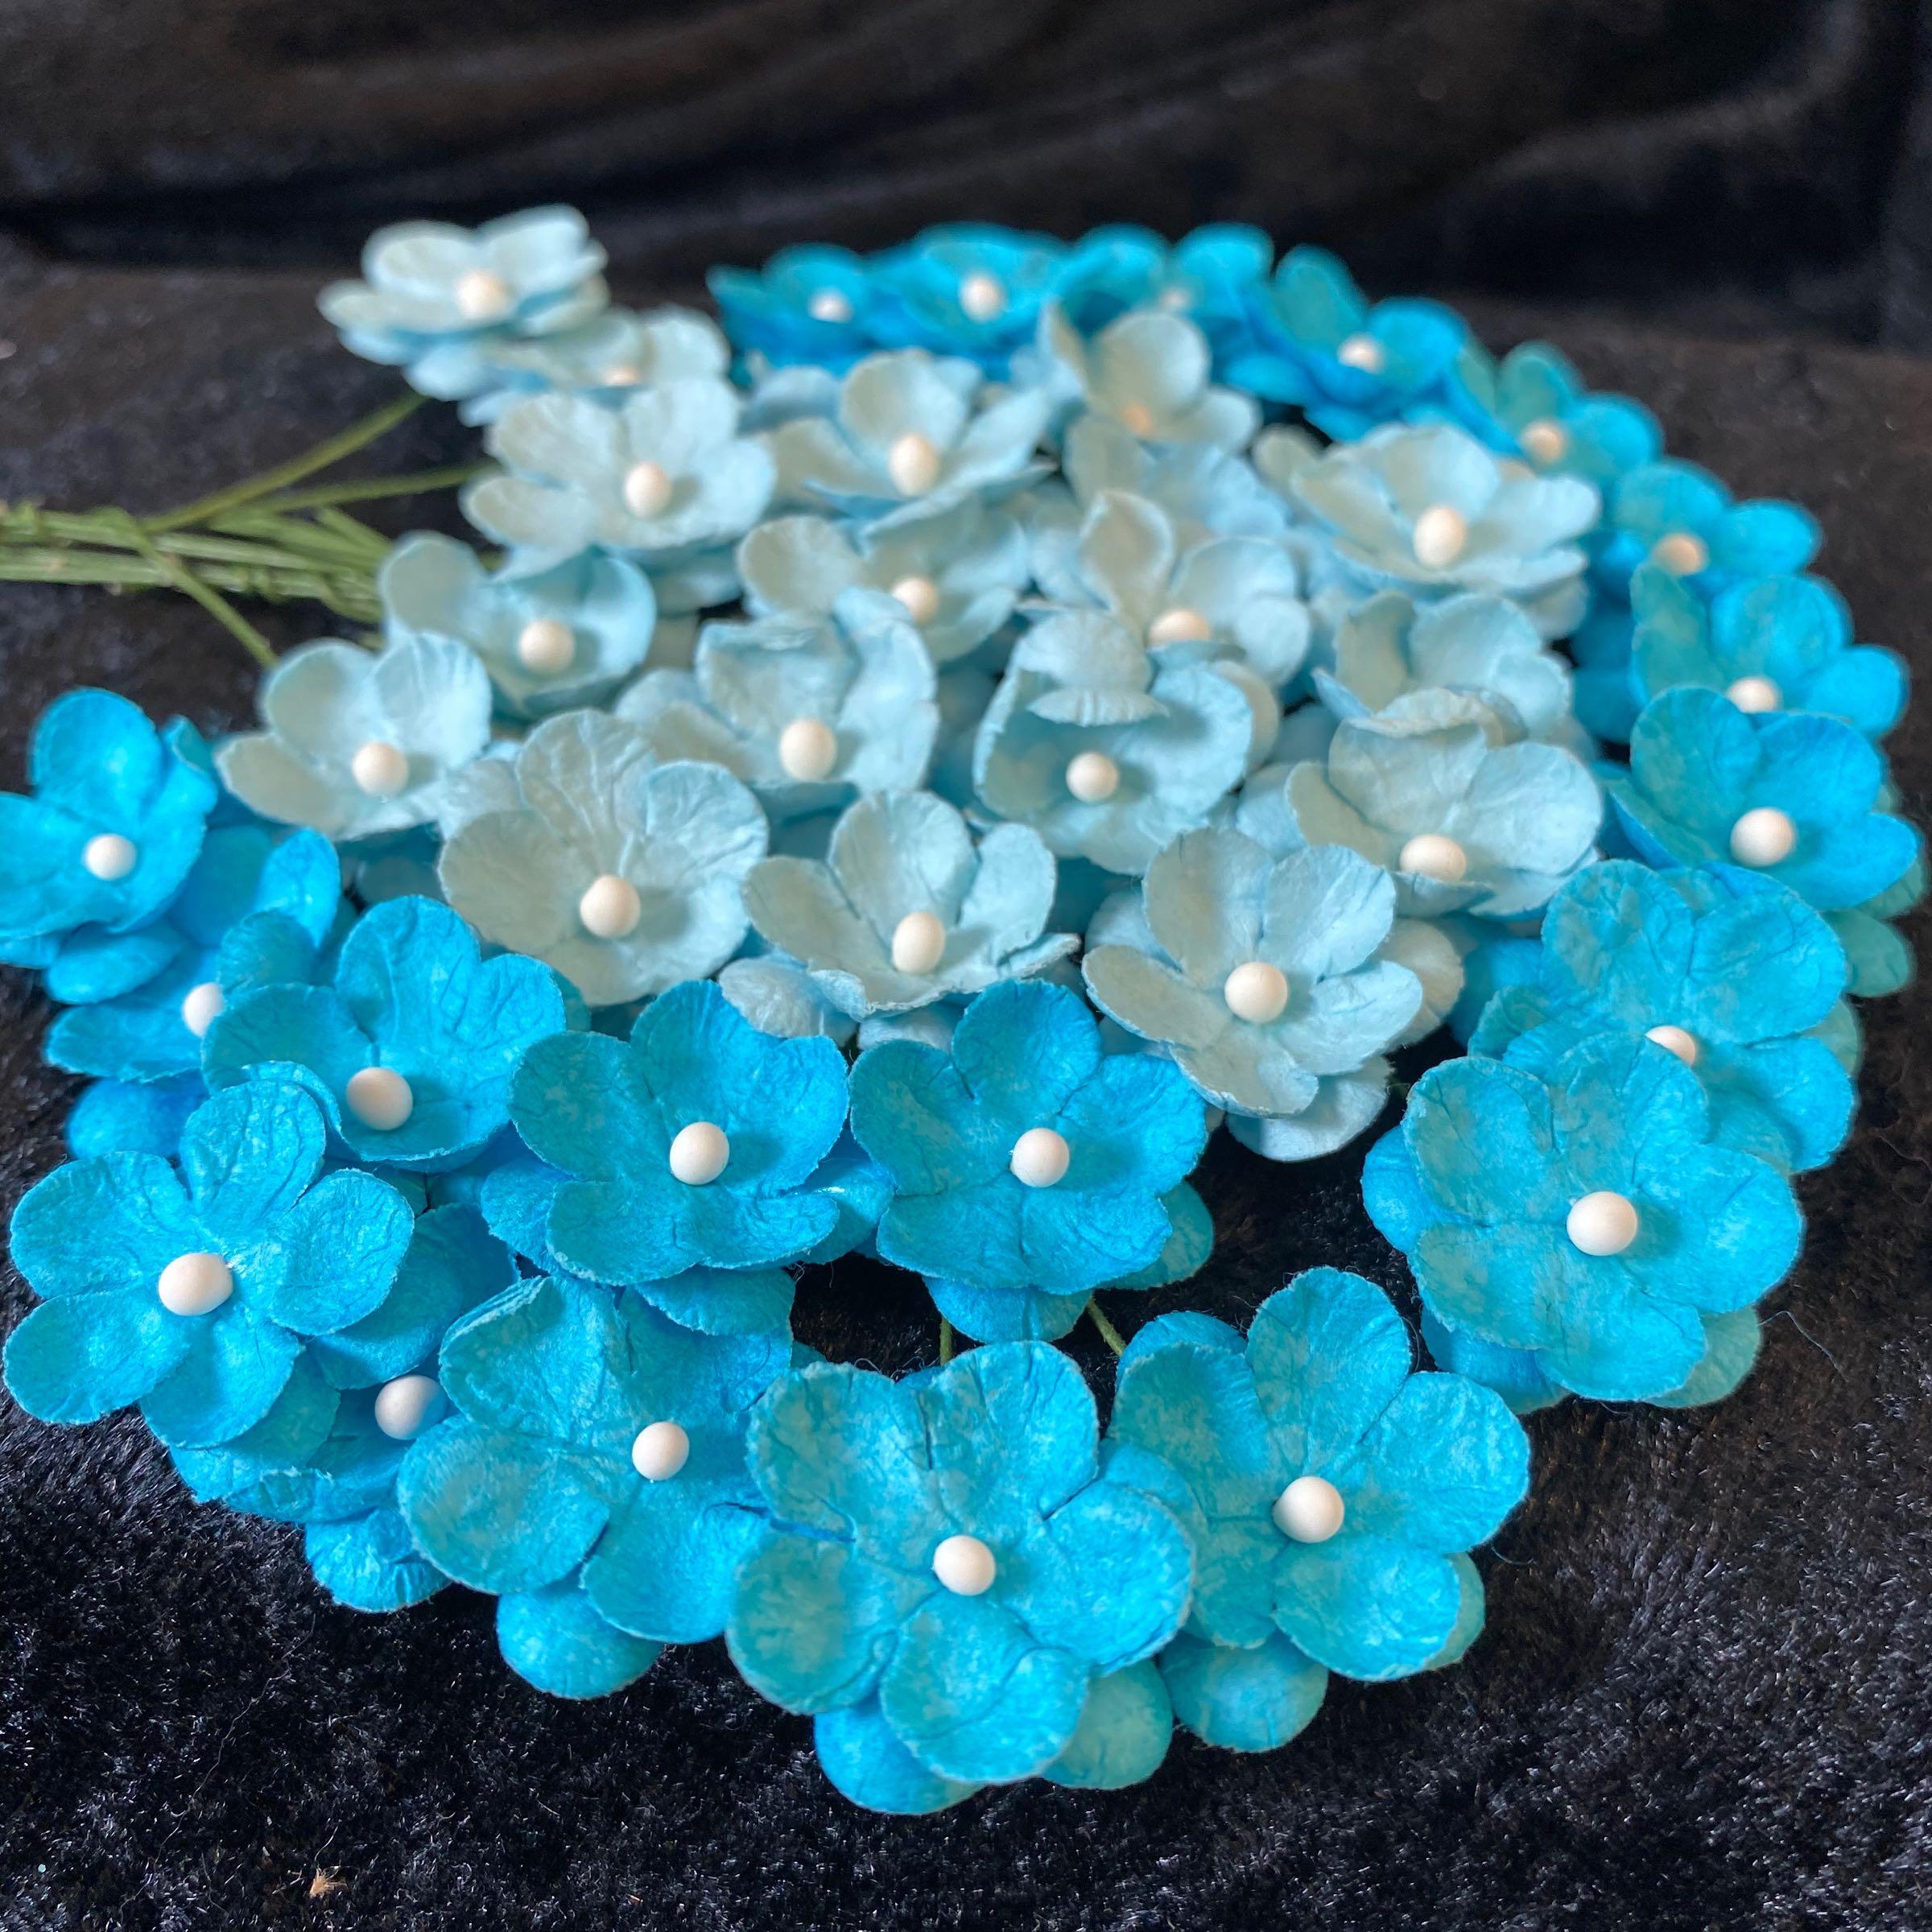 Papirdesign blomster lys blå & turkis